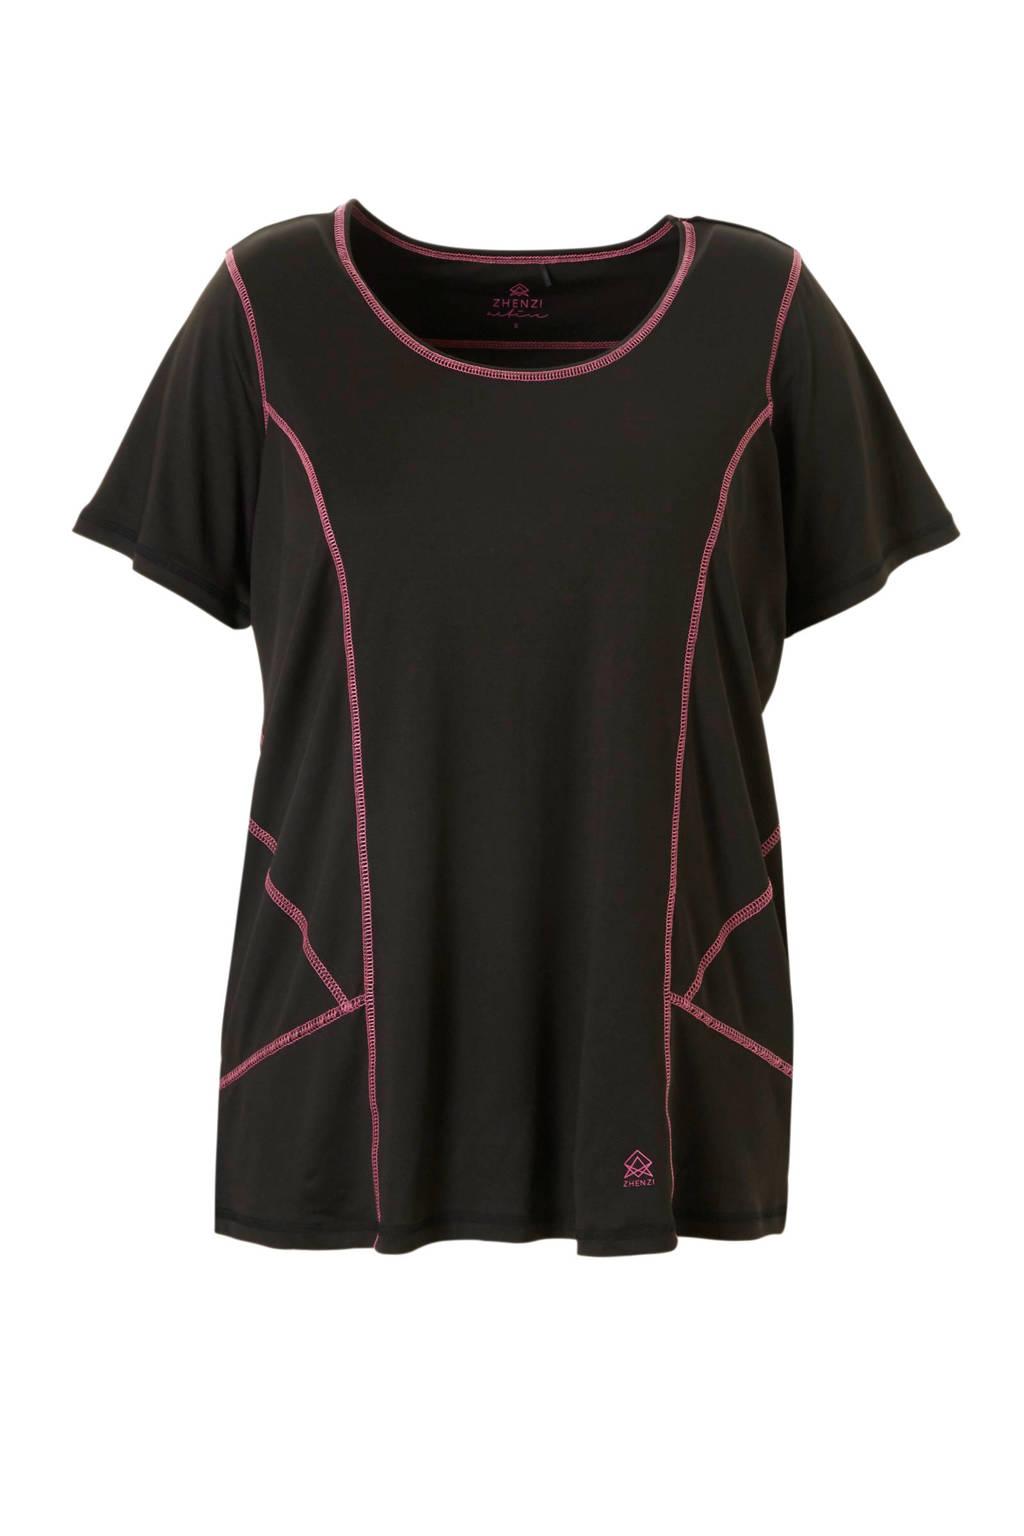 Zhenzi Sport sport t-shirt zwart, Zwart/roze